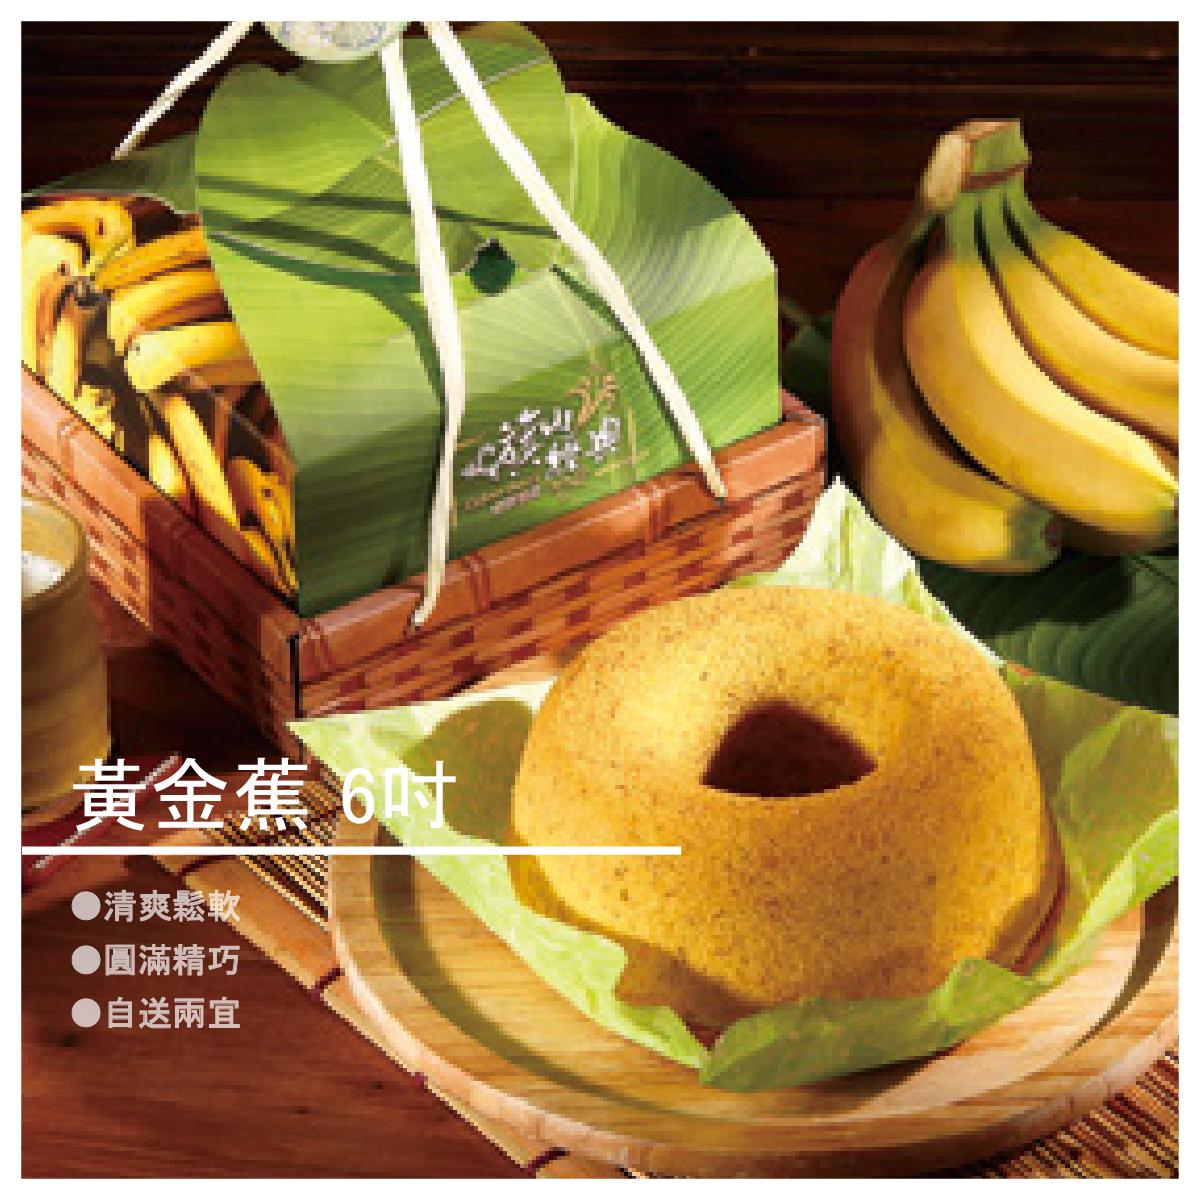 黃金蕉 6吋 商品介紹 ●清爽鬆軟 ●圓滿精巧 ●自送兩宜 香蕉蛋糕的⼝感和⼀般的海綿蛋糕完全不⼀樣, ⼝感很扎實,蛋糕內滿滿的⿊絲就代表是真材實料的香蕉囉!! 重量也很扎實,⼀咬下就是濃濃的香蕉香,